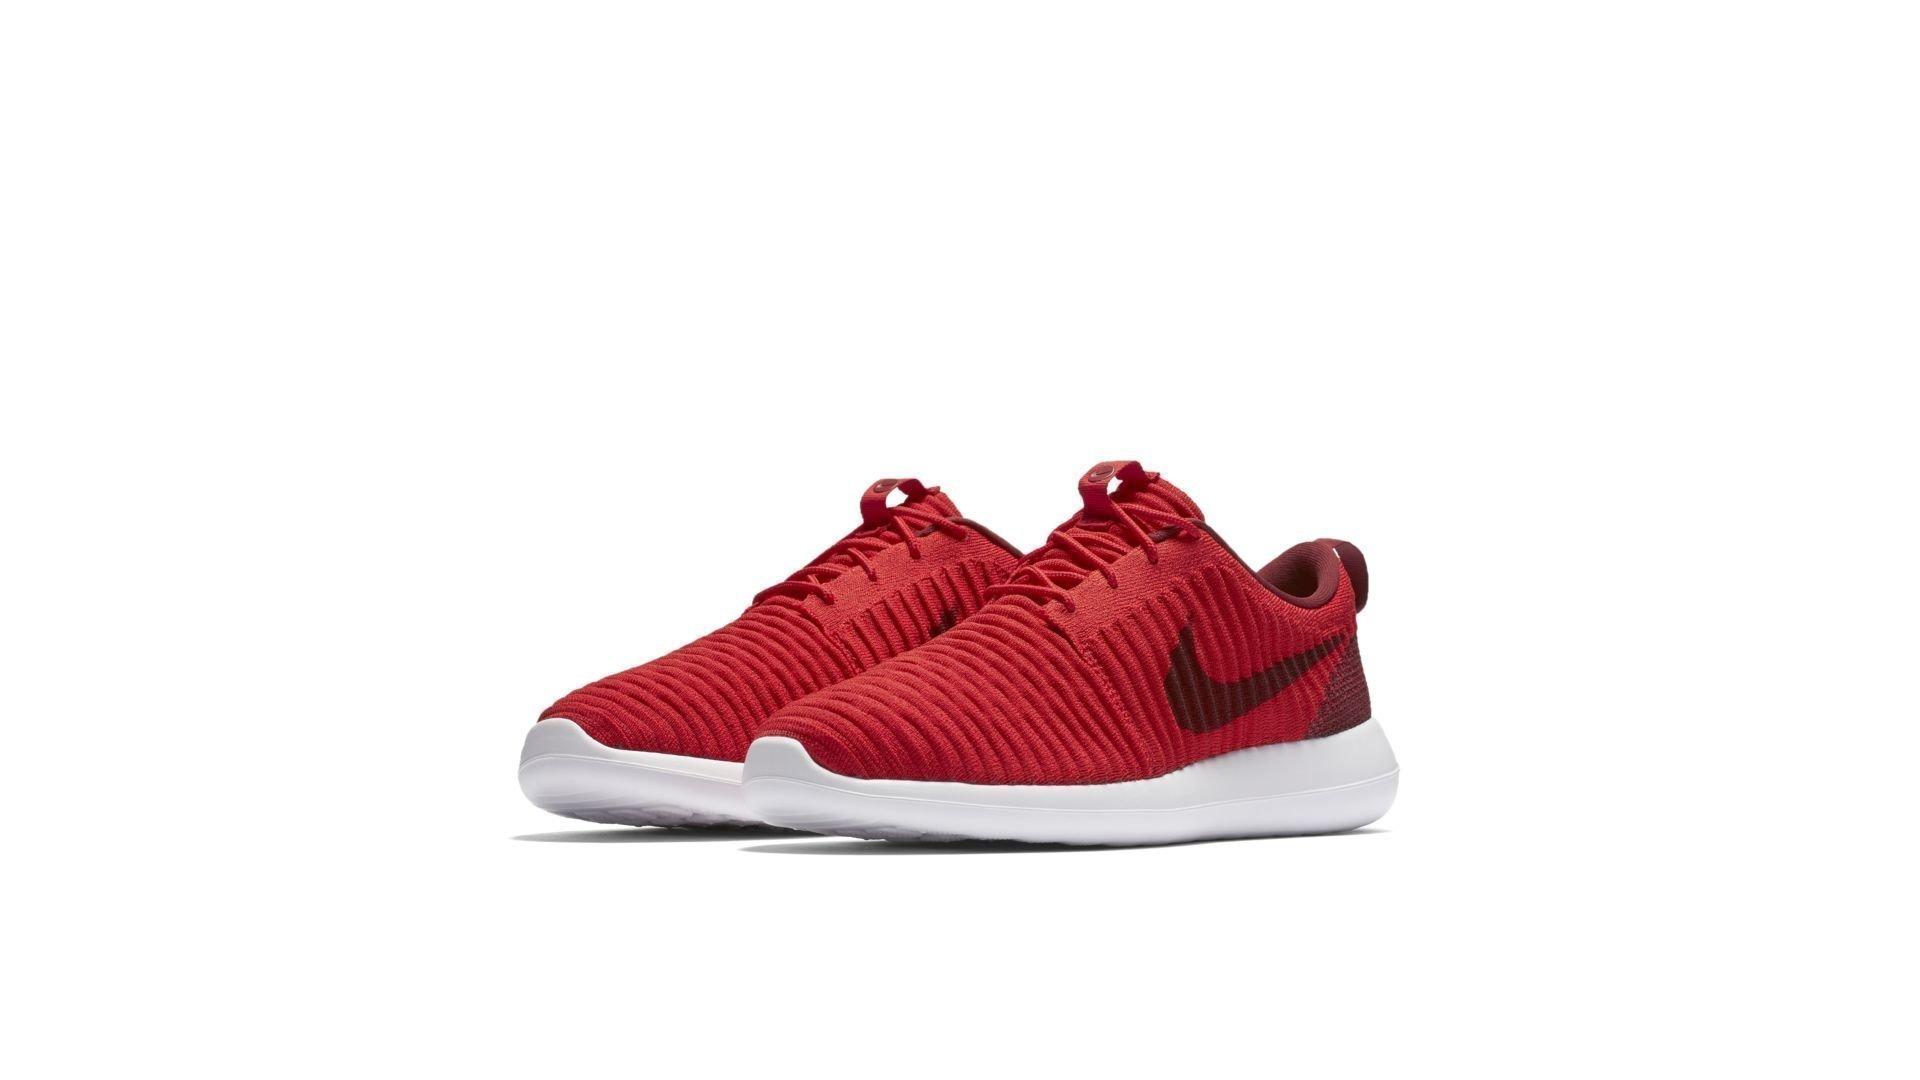 Nike Roshe Two Flyknit University Red Team Red (844833-600)